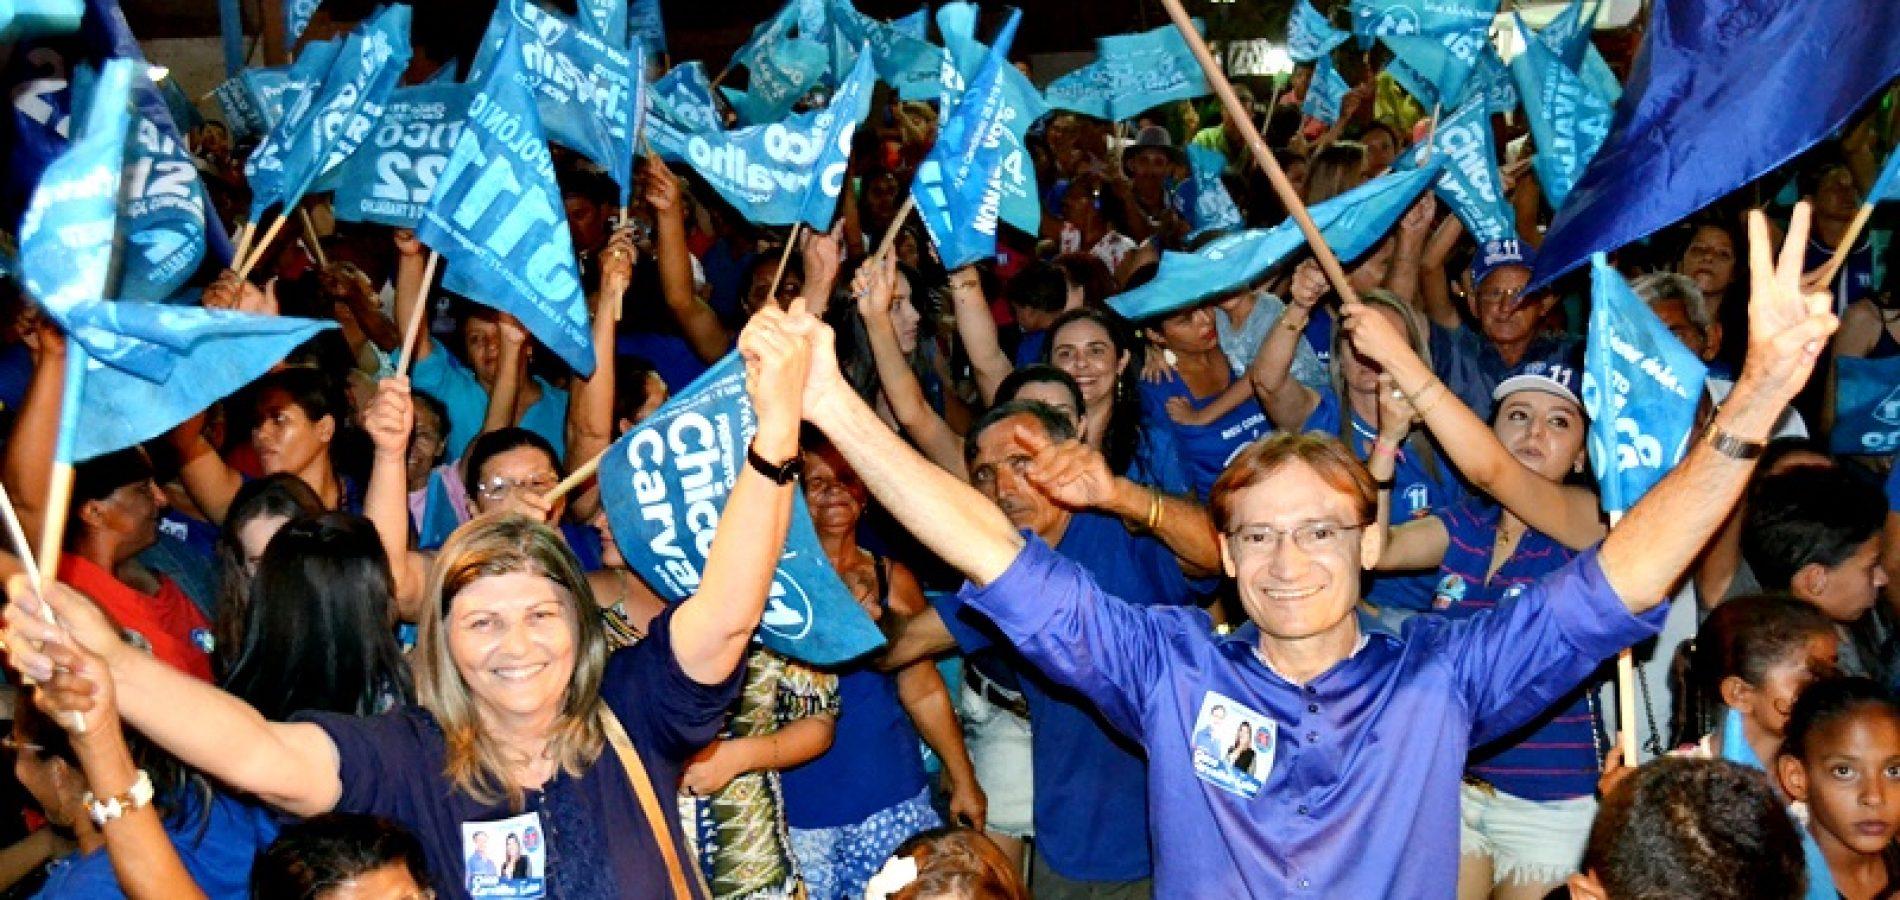 Chico Carvalho e Luiza encerram campanha com grande carreata e comício em Massapê do Piauí